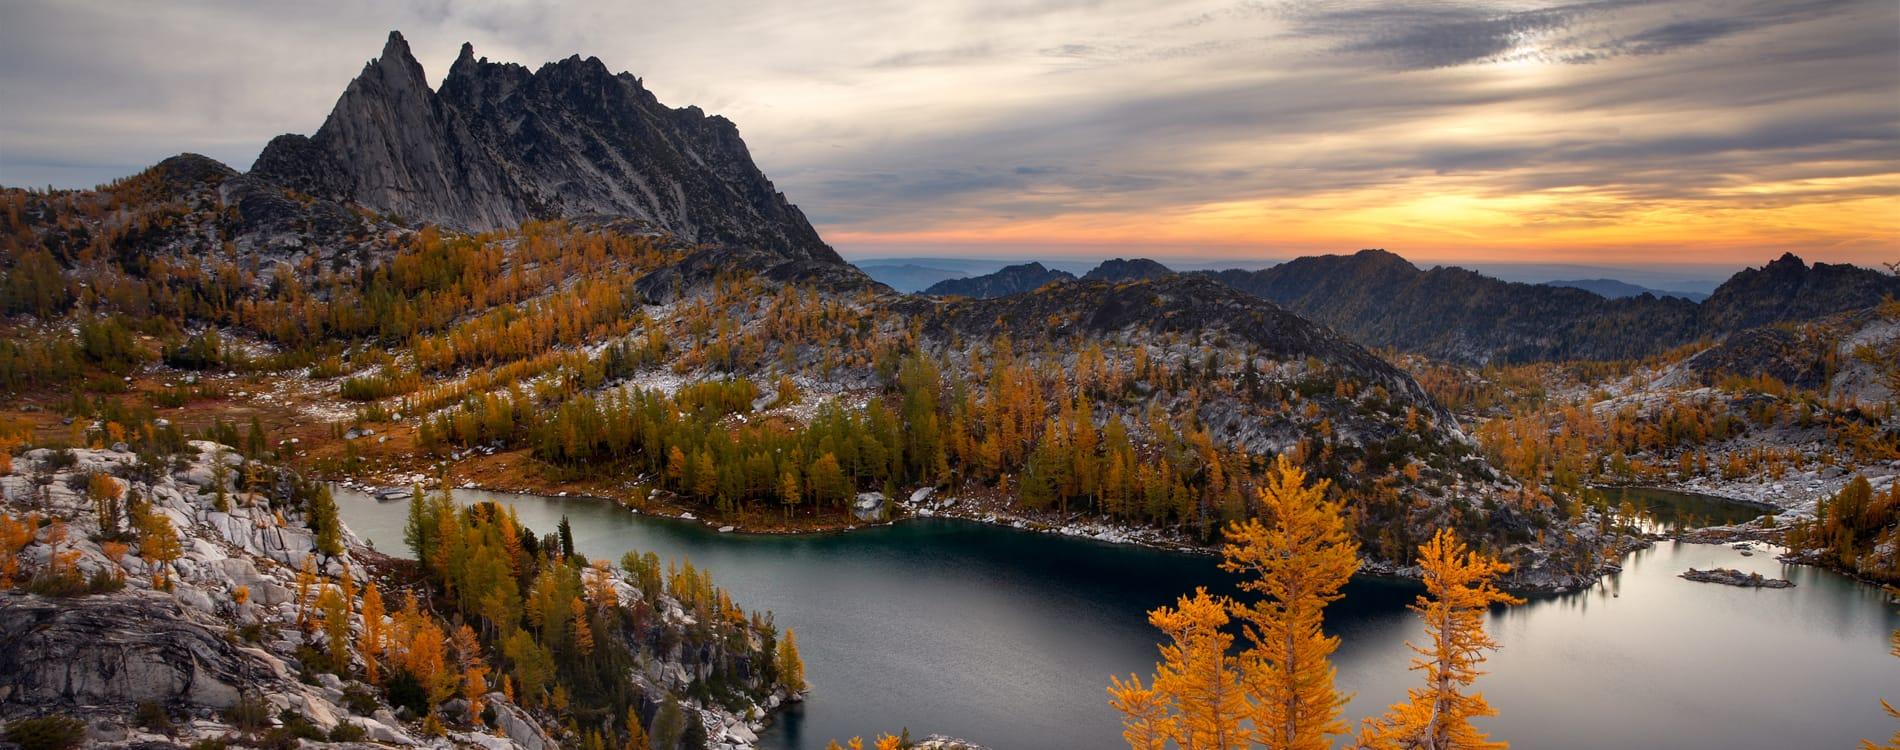 Leavenworth, WA - Enchantment Lakes